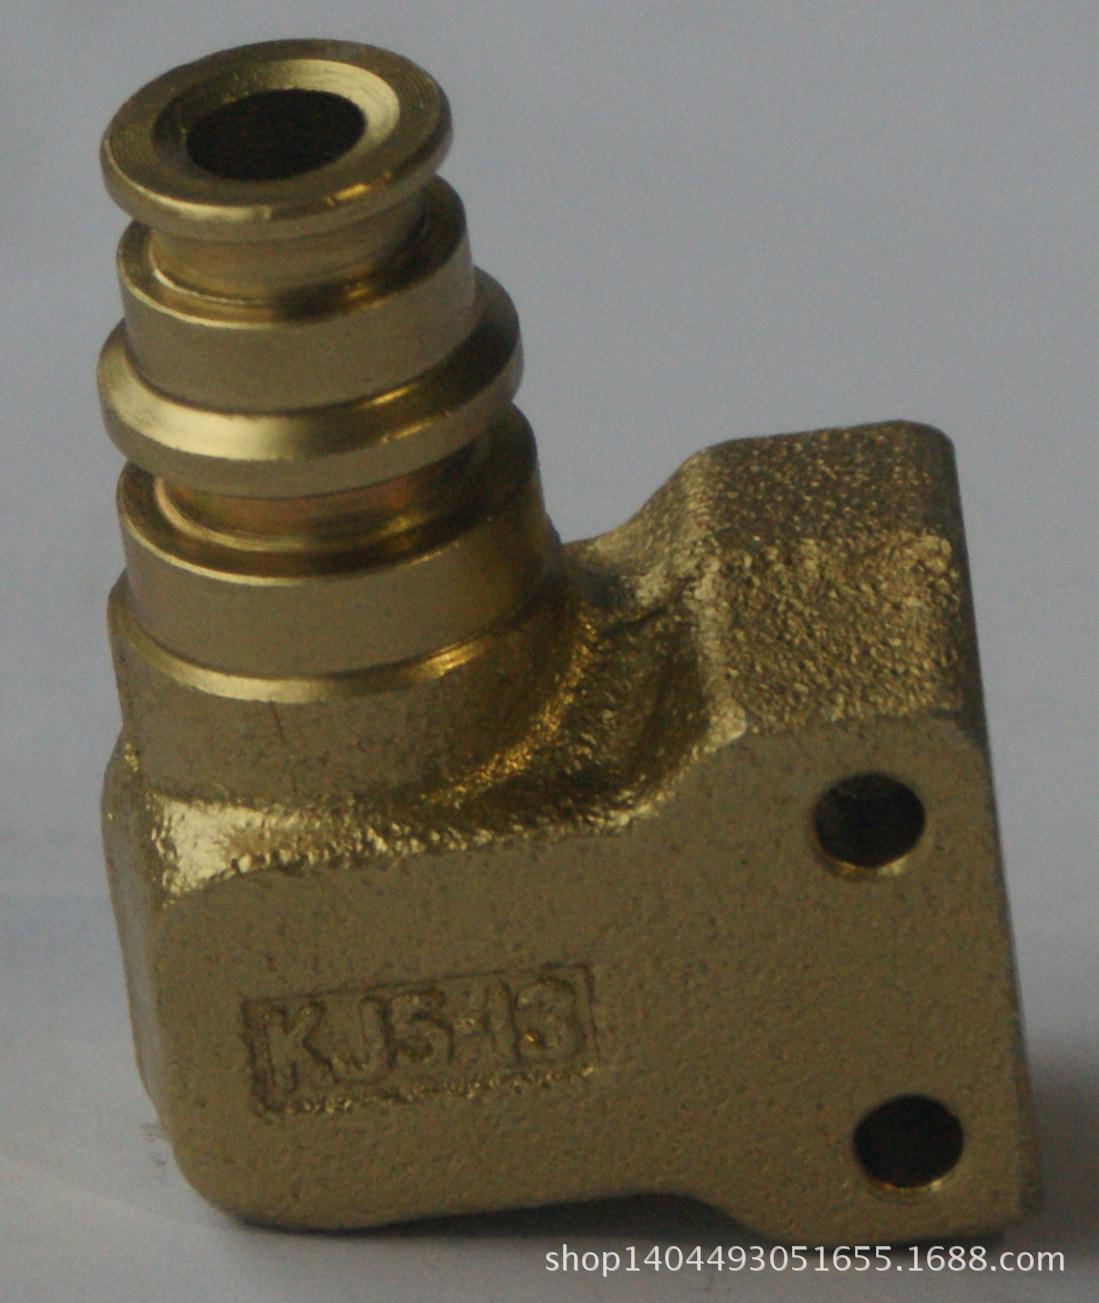 矿用 煤矿液压支架胶管连接 异径弯头KJ5-13G/19M